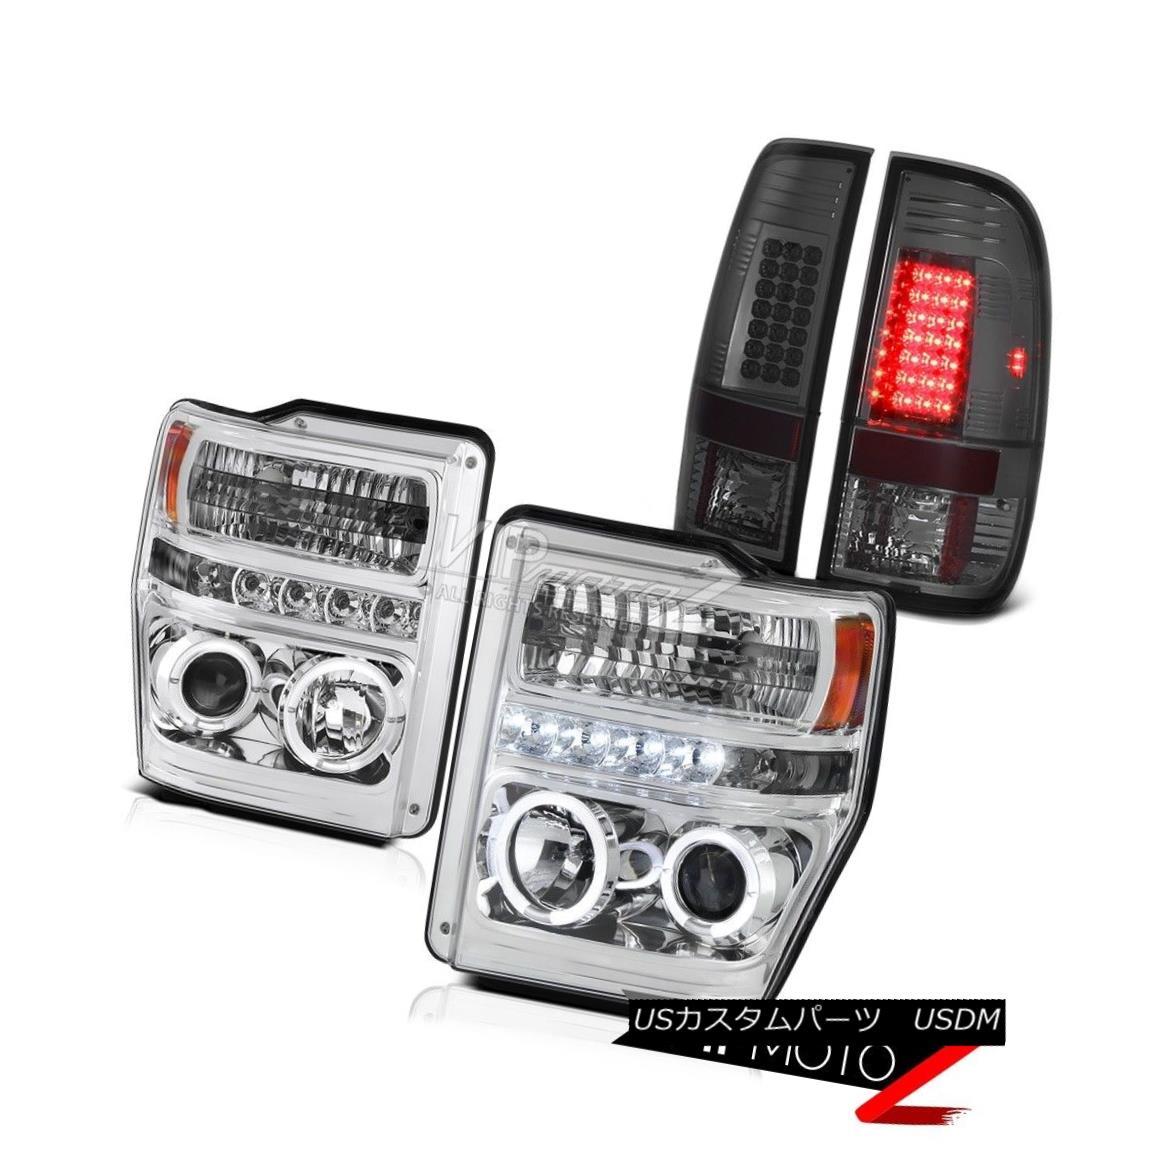 ヘッドライト Chrome Halo LED Headlights LED Tail Lights Smoke Ford F250 Powerstroke XLT 08-10 クロームハローLEDヘッドライトLEDテールライトスモークフォードF250パワーストロークXLT 08-10